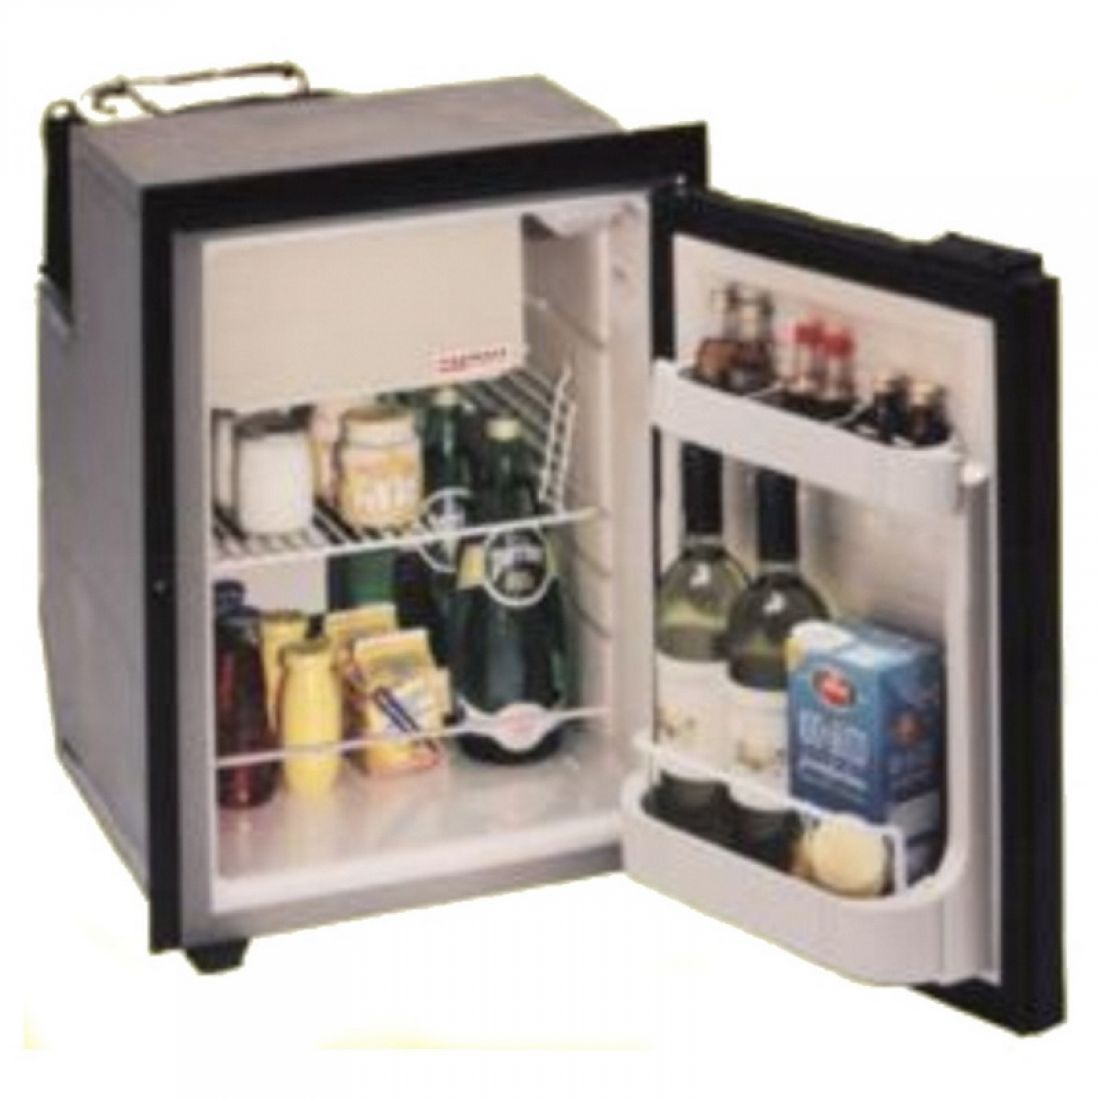 kissmann k hlschrank 12volt und 24volt kb 49 en. Black Bedroom Furniture Sets. Home Design Ideas